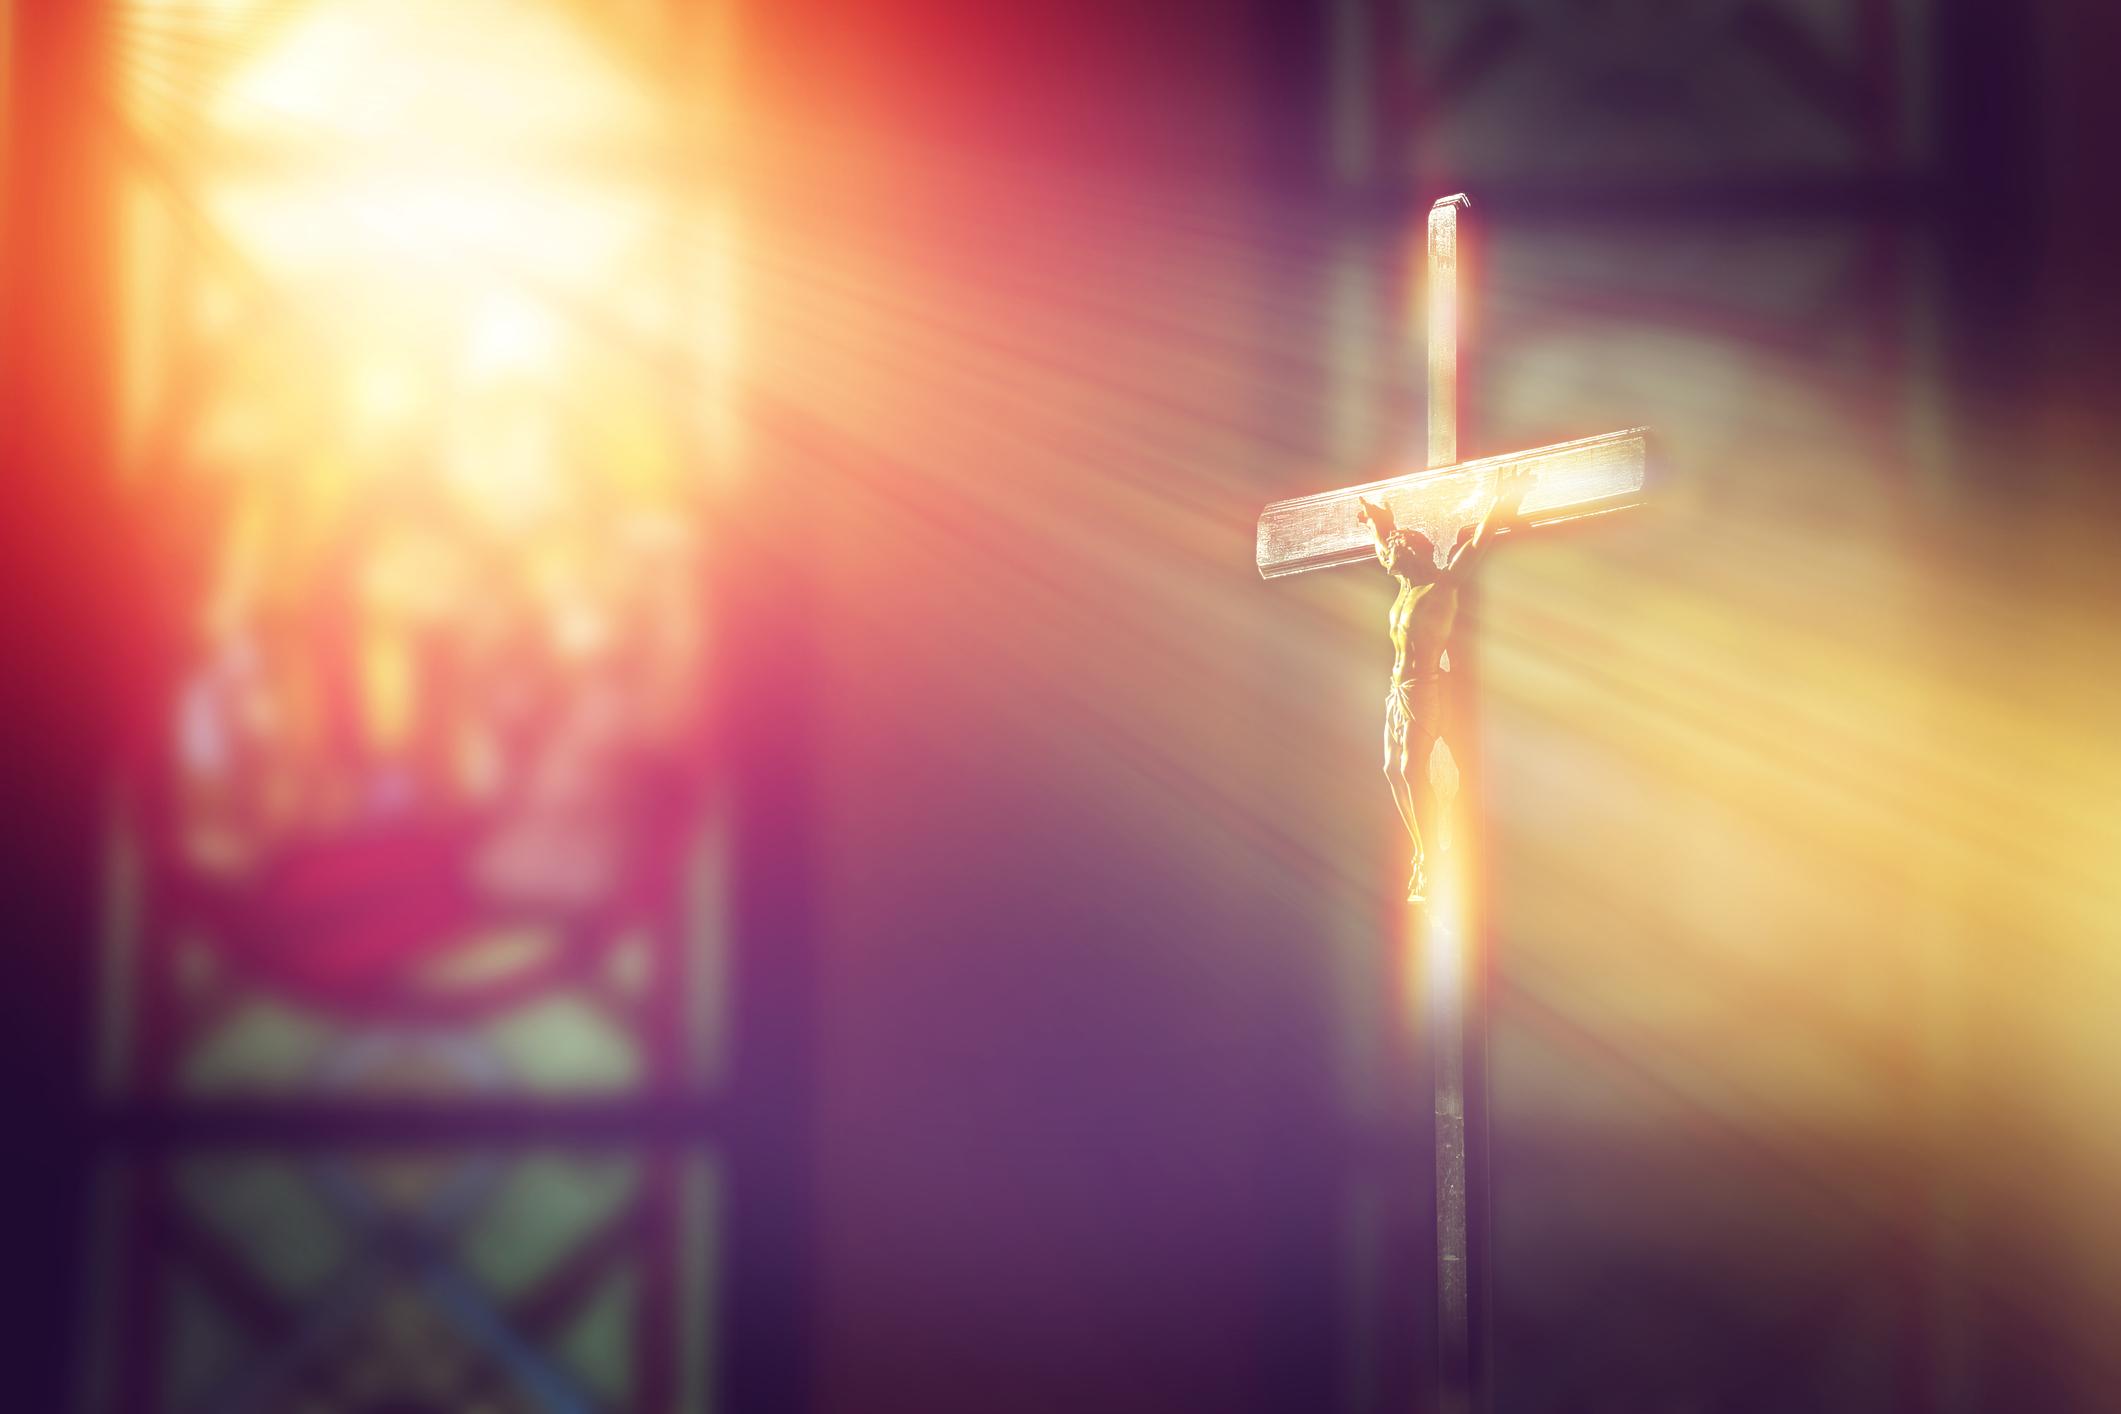 Католическата и православната църква са разделени официално повече от 1000 години. Един летен следобед на 1054 г. изпратен от папа Лъв IX, кардинал Хумберт издава от името на папата була за отлъчване на Константинополския патриарх Михаил Керуларий от църквата.<br />